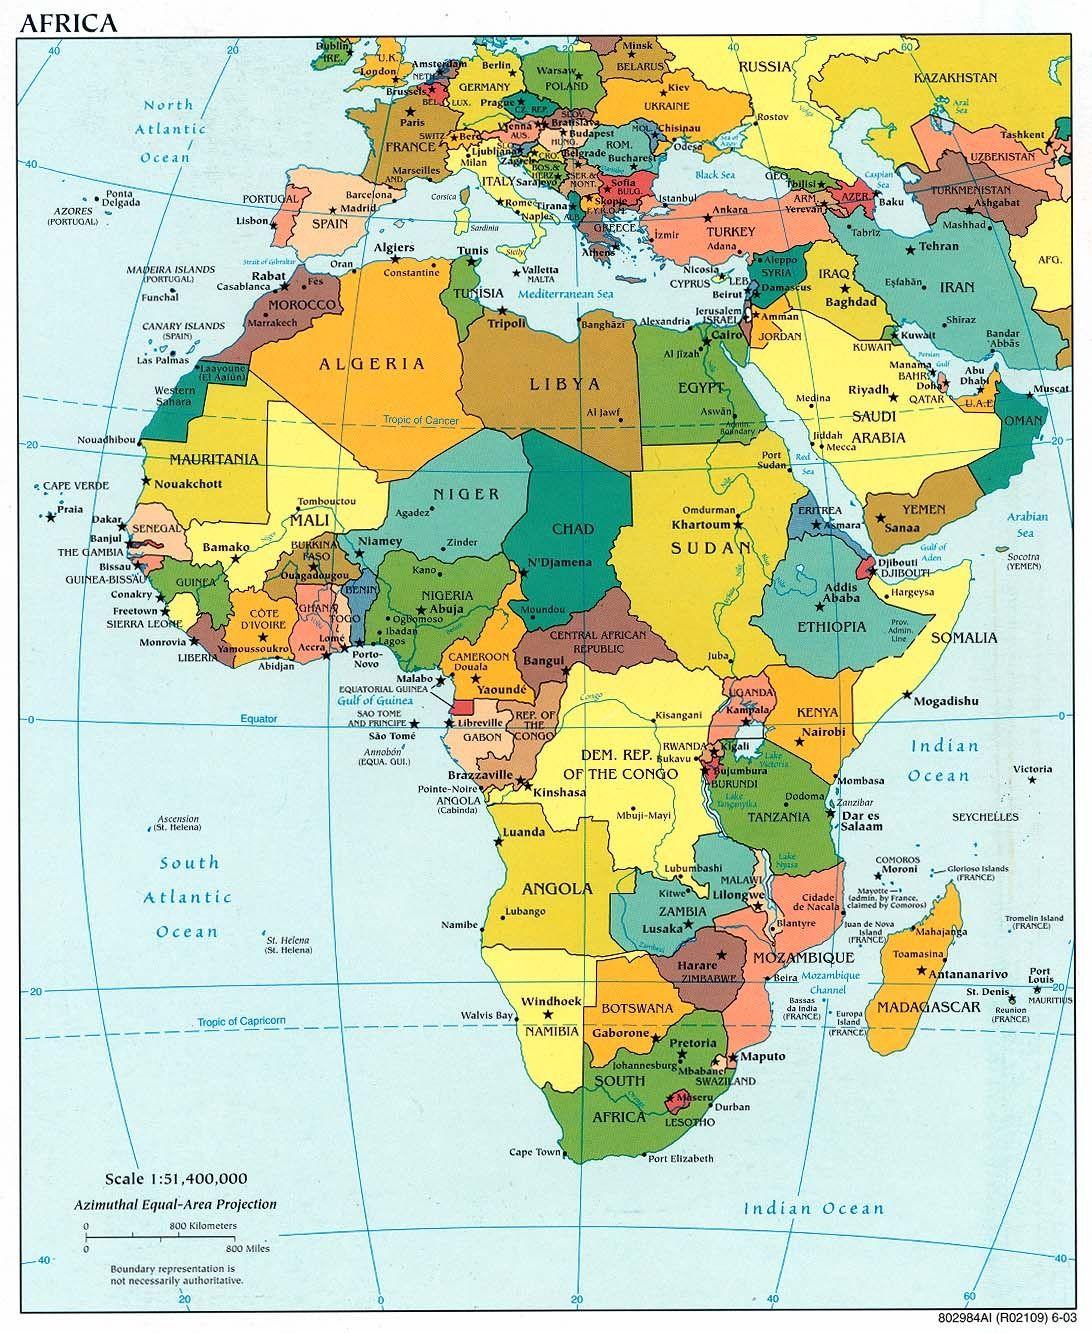 Trll Mapy Maps Karten Afryka Mapa Polityczna Mapa Politico